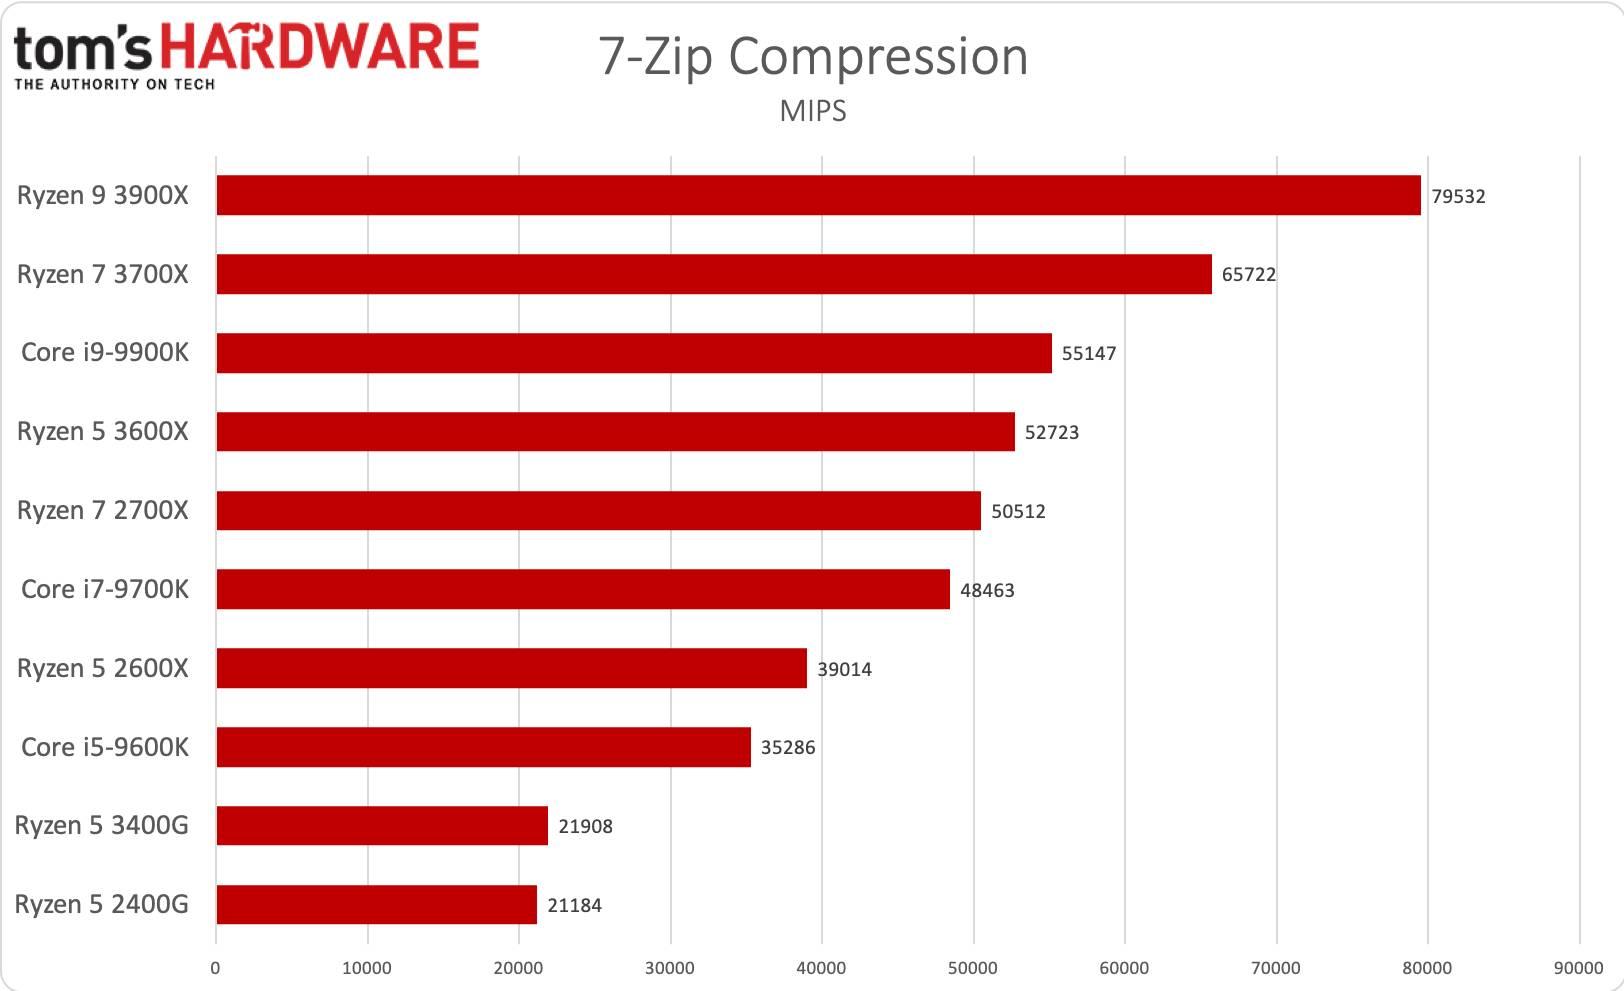 Ryzen 5 3400G - 7Zip compression